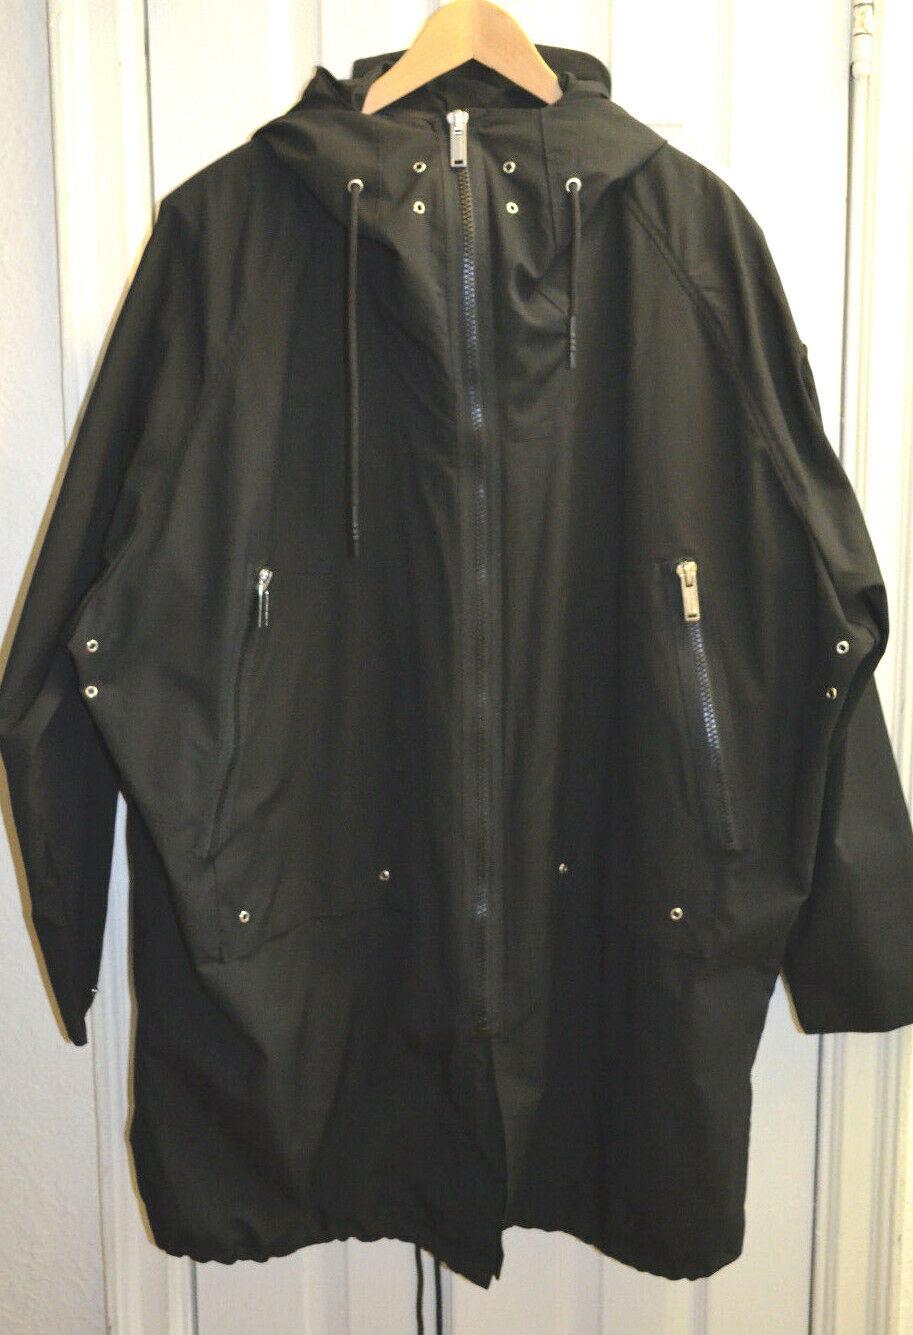 NEW KARL LAGERFELD Men WOOL LANED Jacket Zip Hooded Outerwear